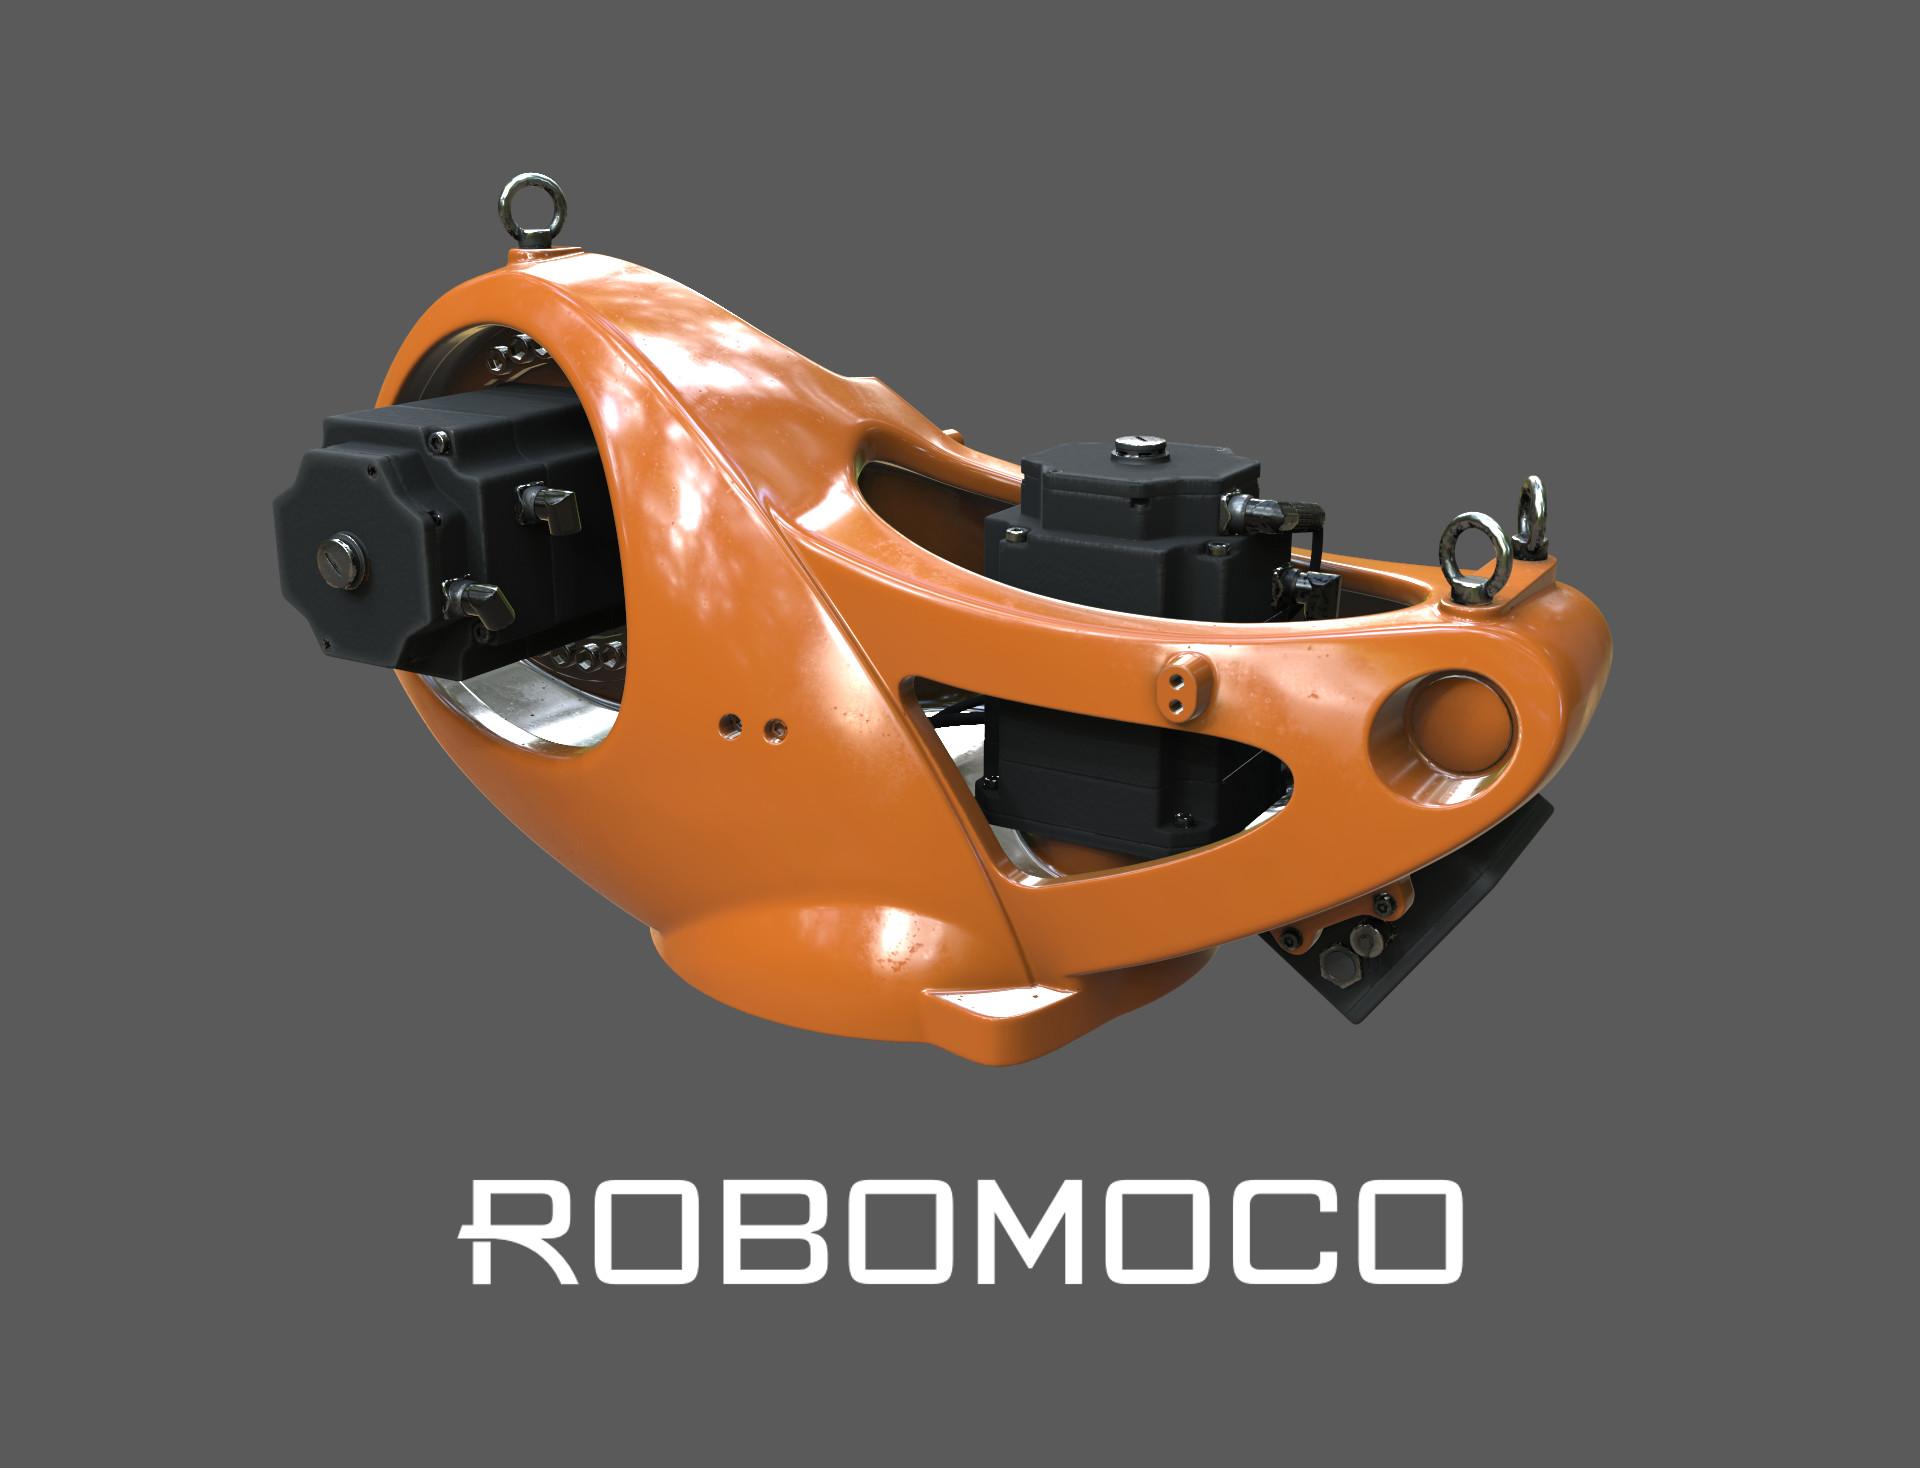 KUKA Quantec Painting for RoboMoco